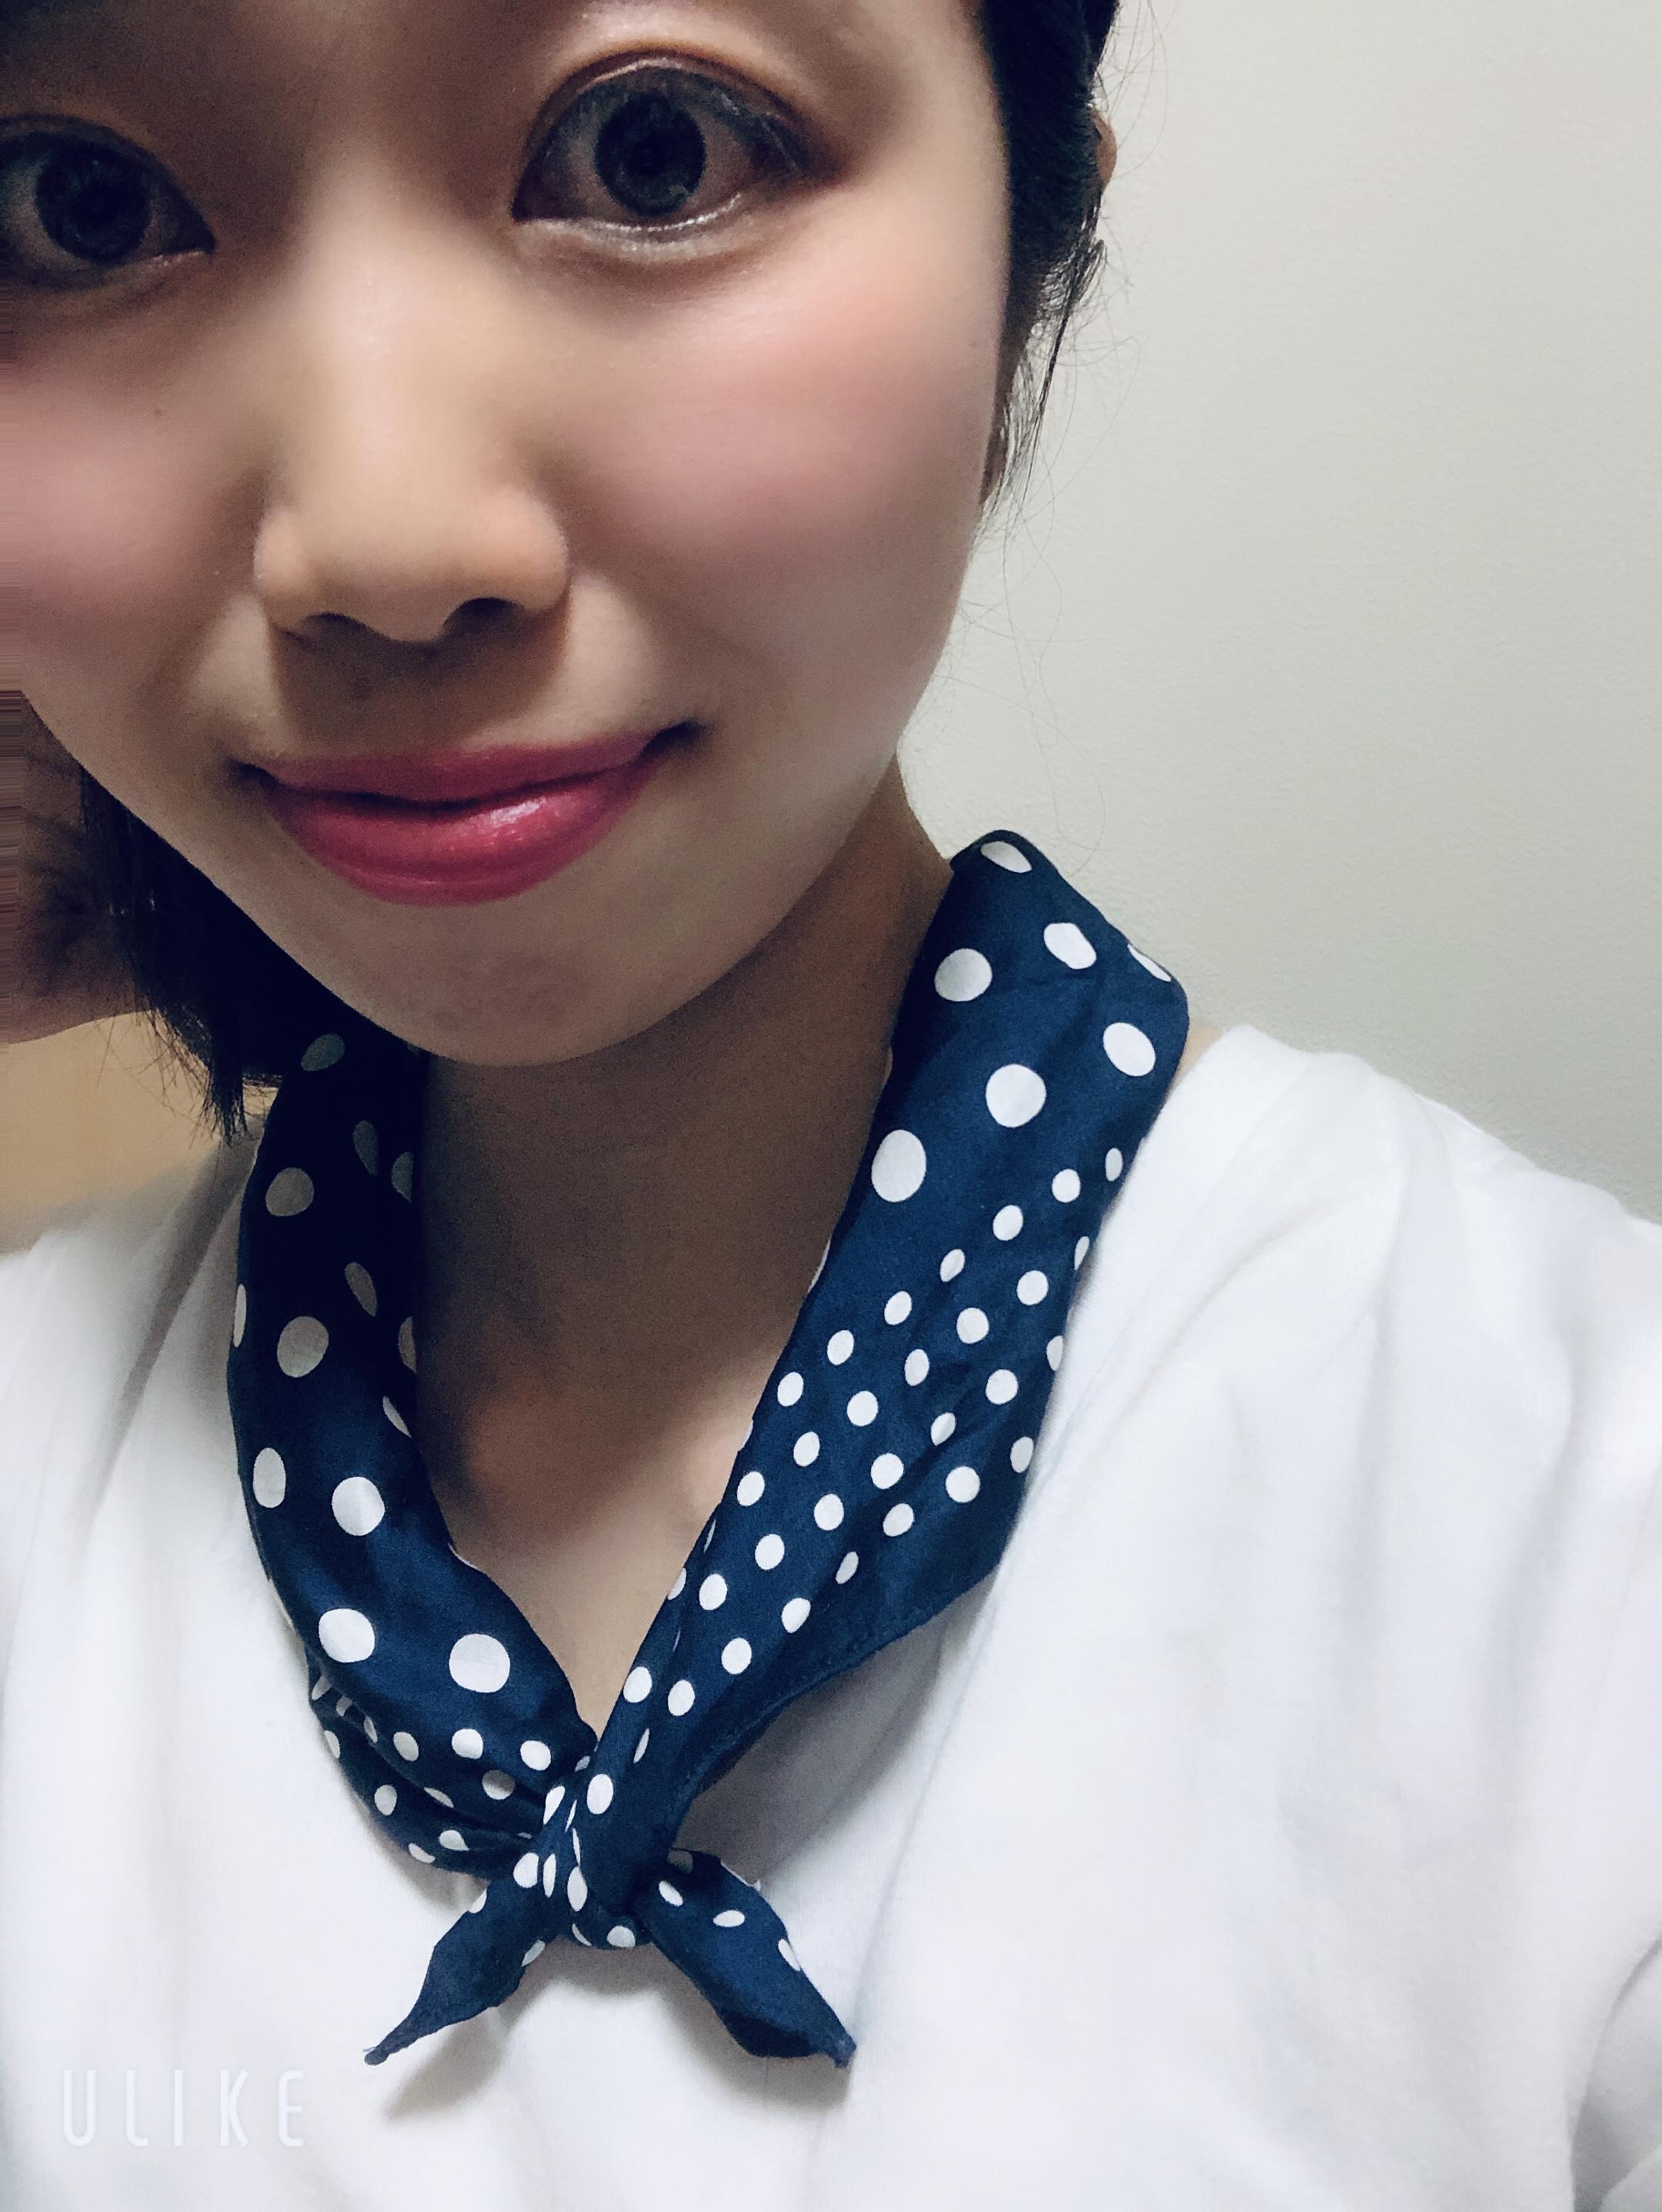 【スカーフをちょい足しするだけ】でパット華やぐコーディネートが完成♡♡♡_1